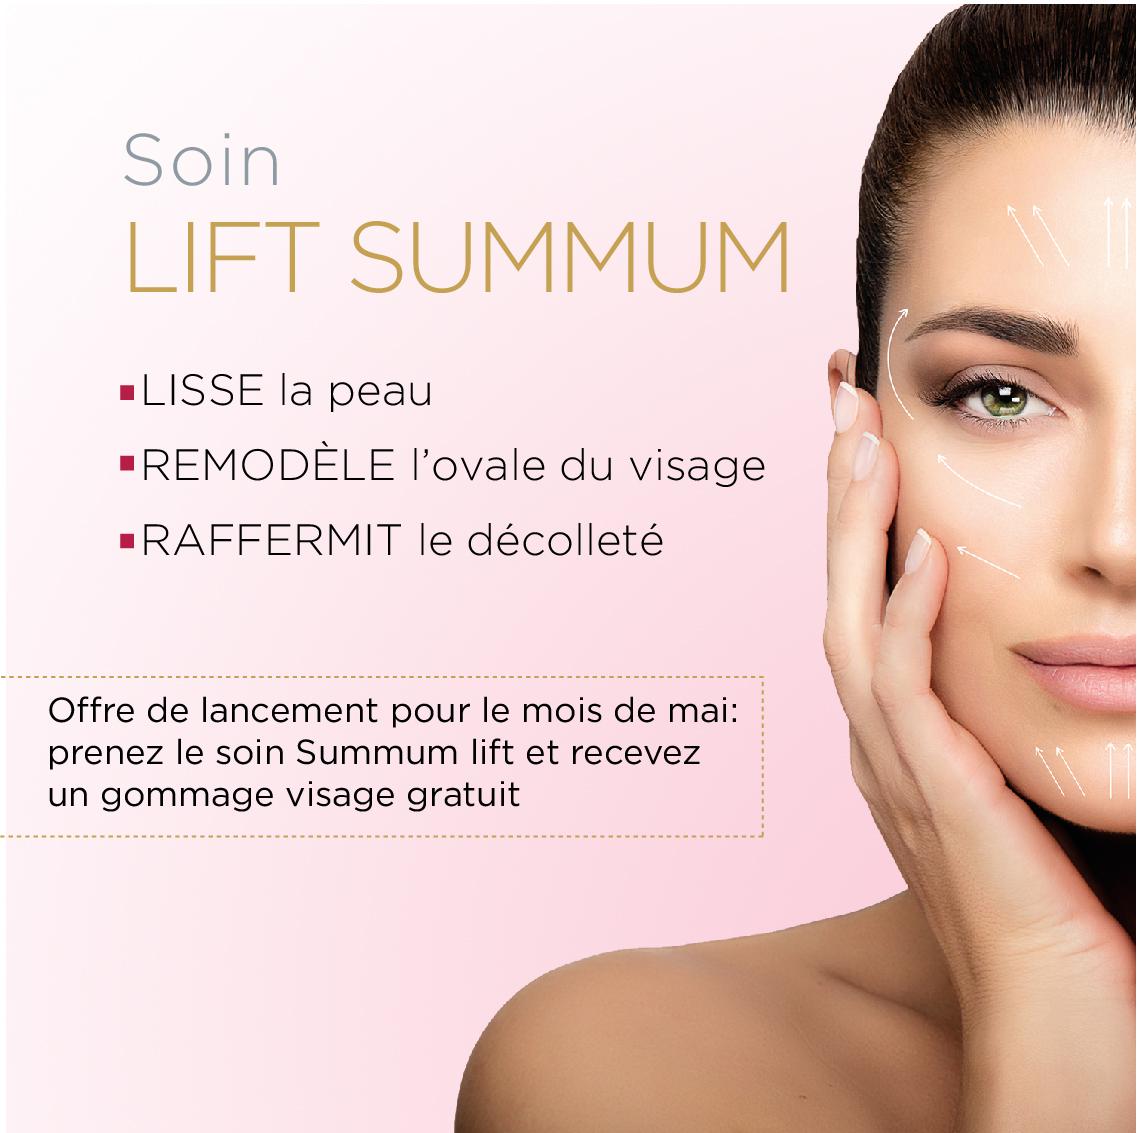 promo sumum lift-01